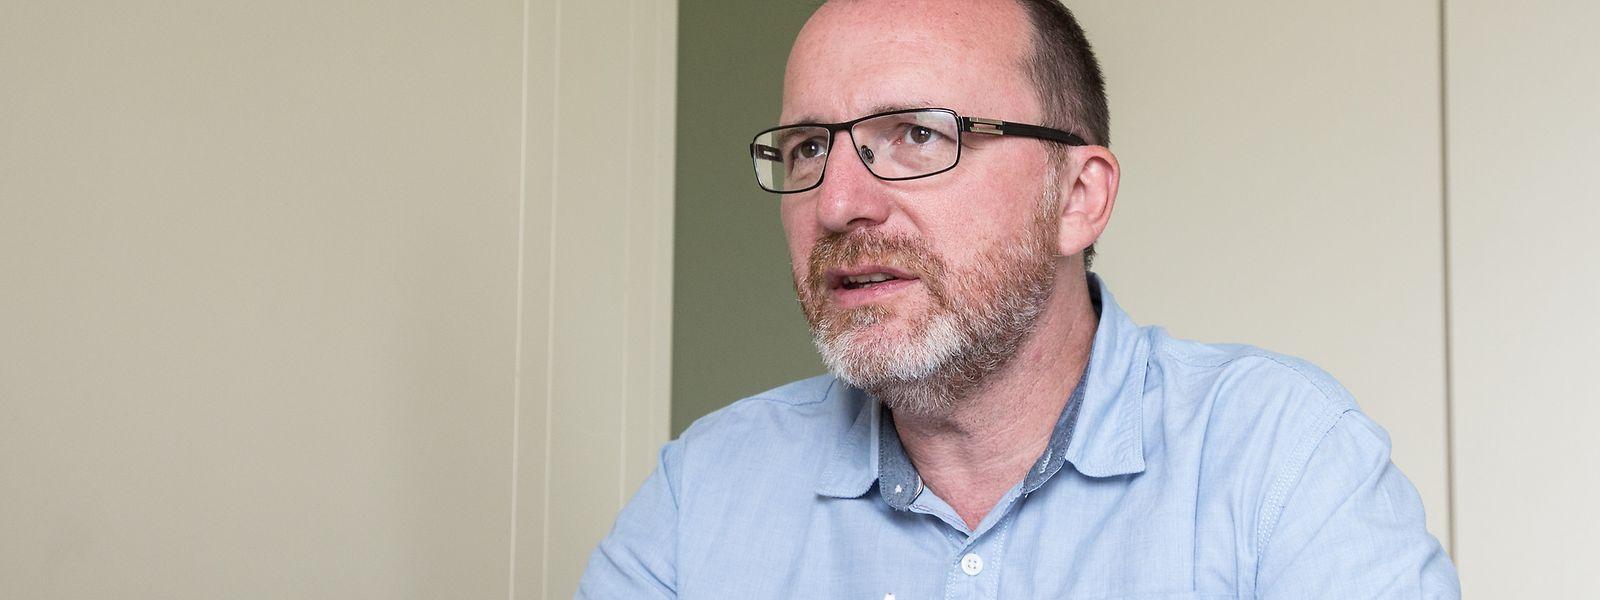 Georges Engel, Bügermeister von Sassenheim, ist auch Präsident von ZARE